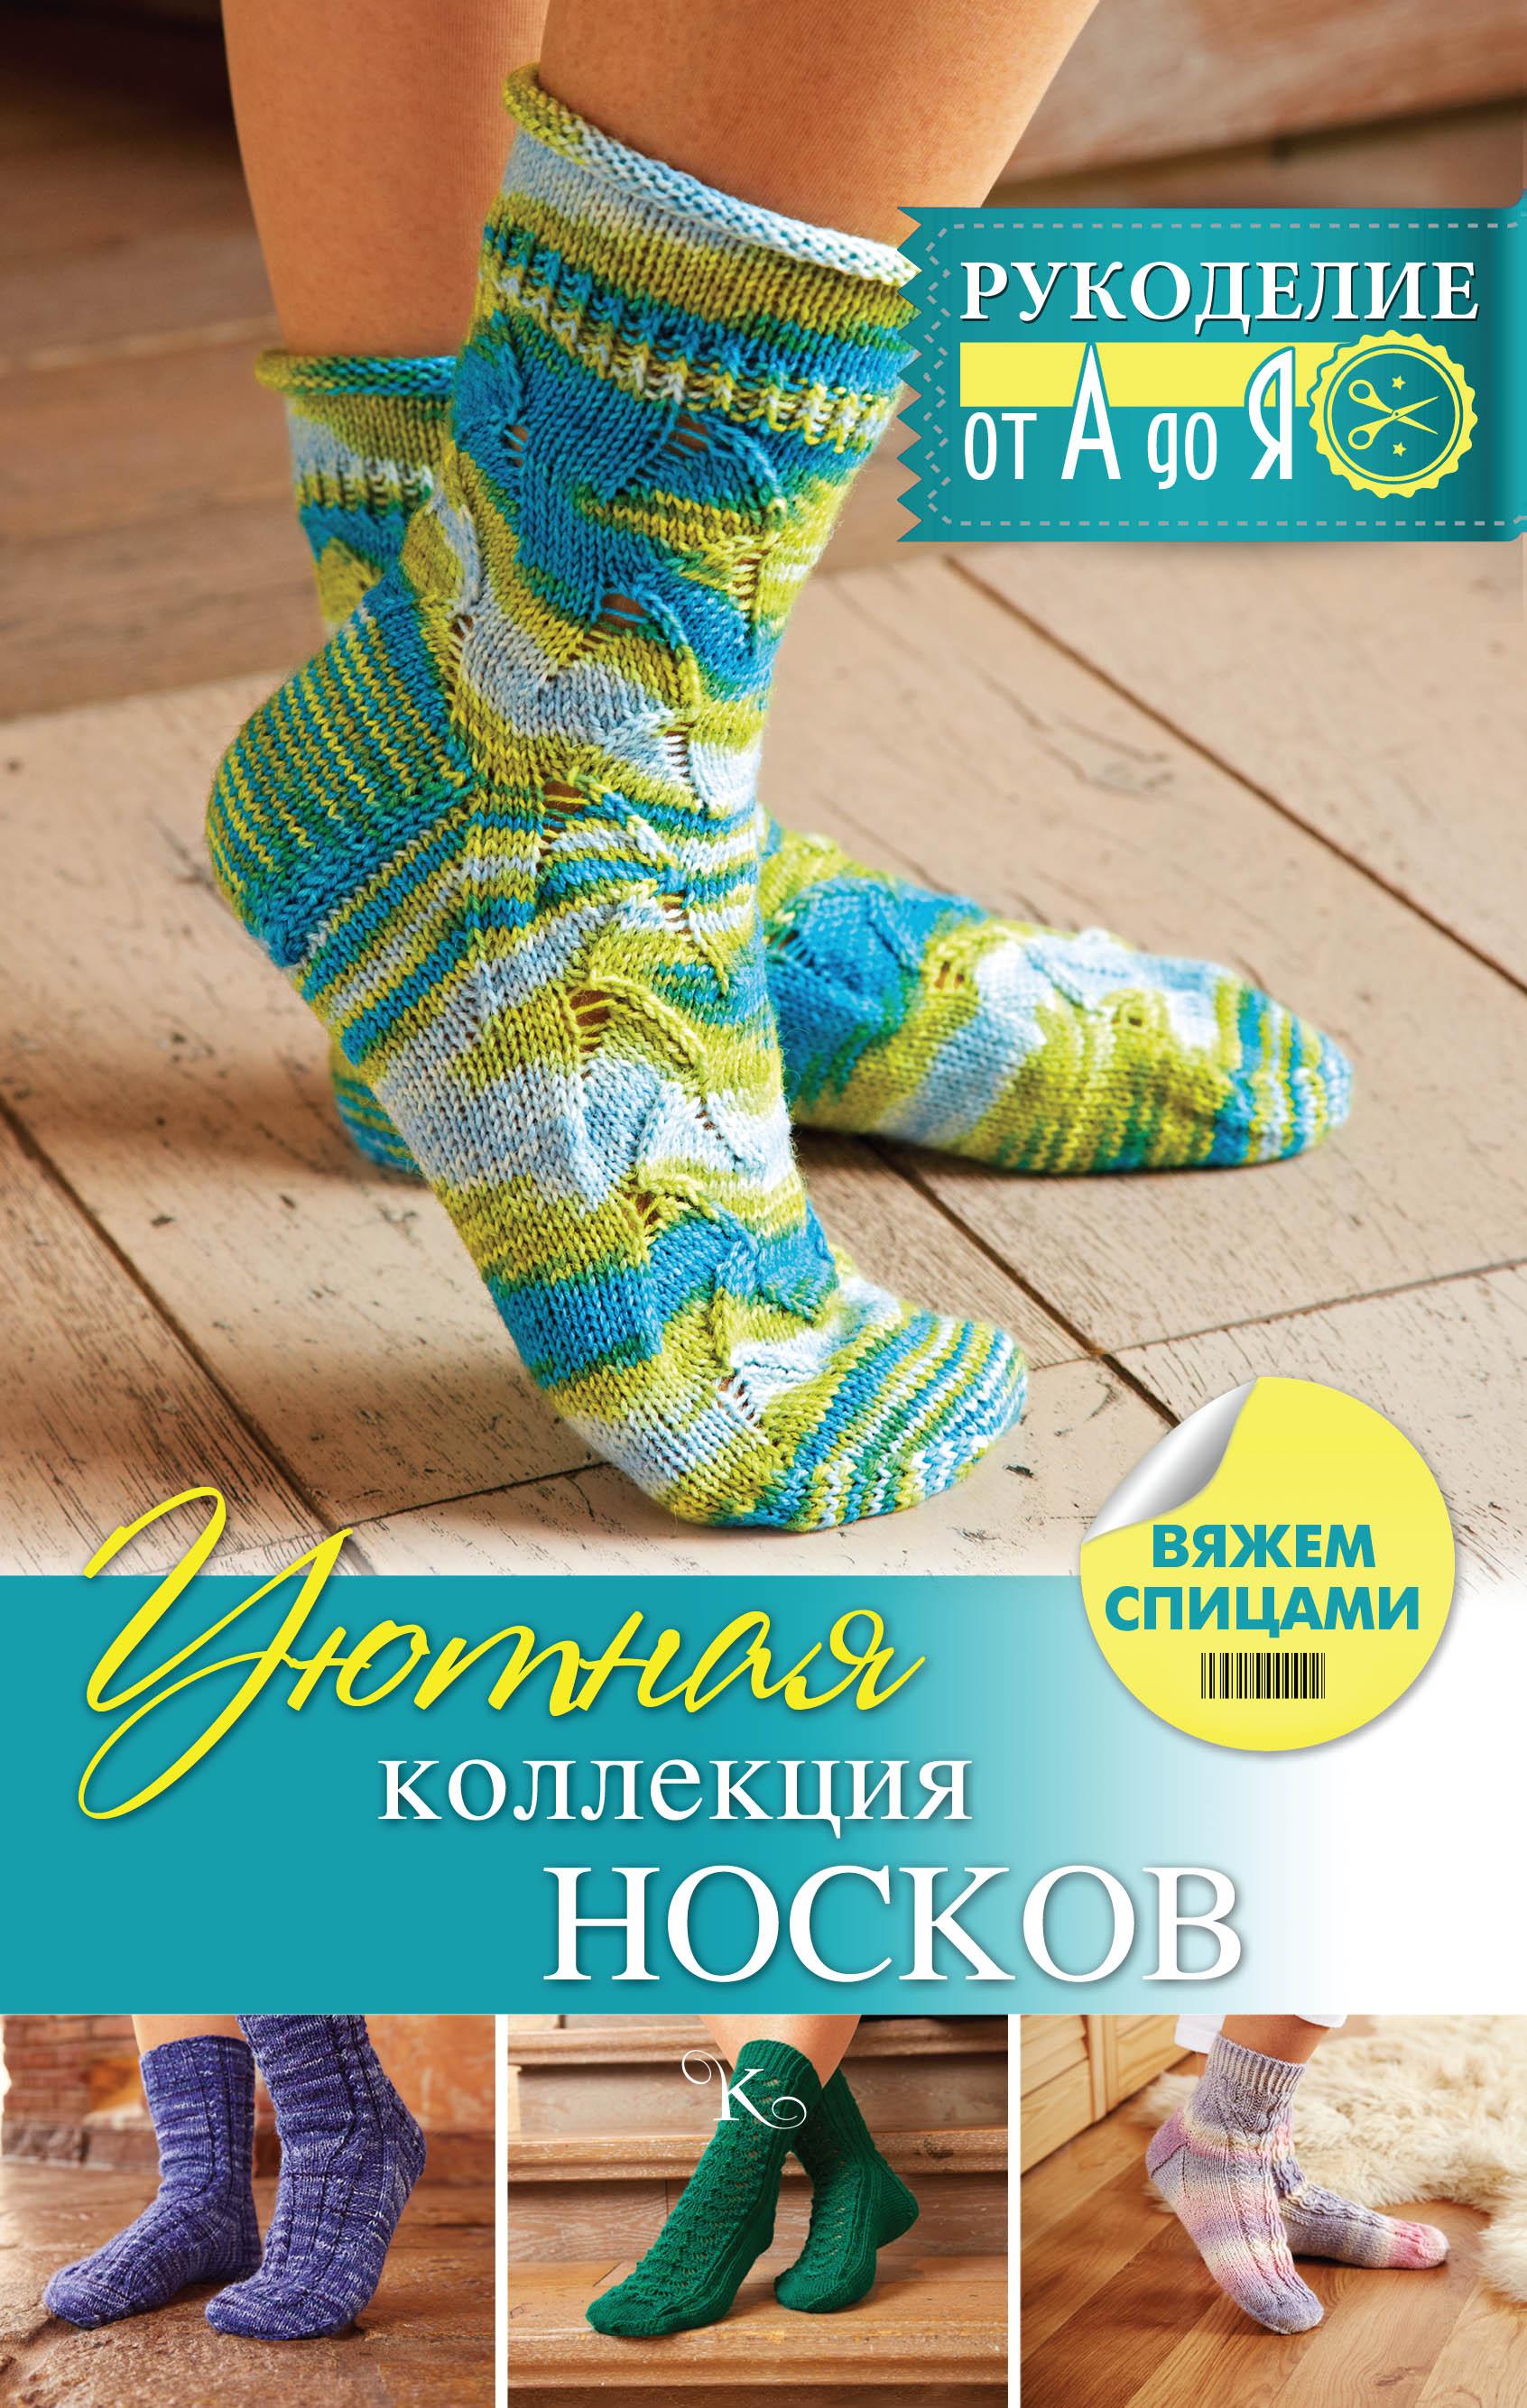 Сатта Р. Уютная коллекция носков. Вяжем спицами вяжем спицами более 250 образцов